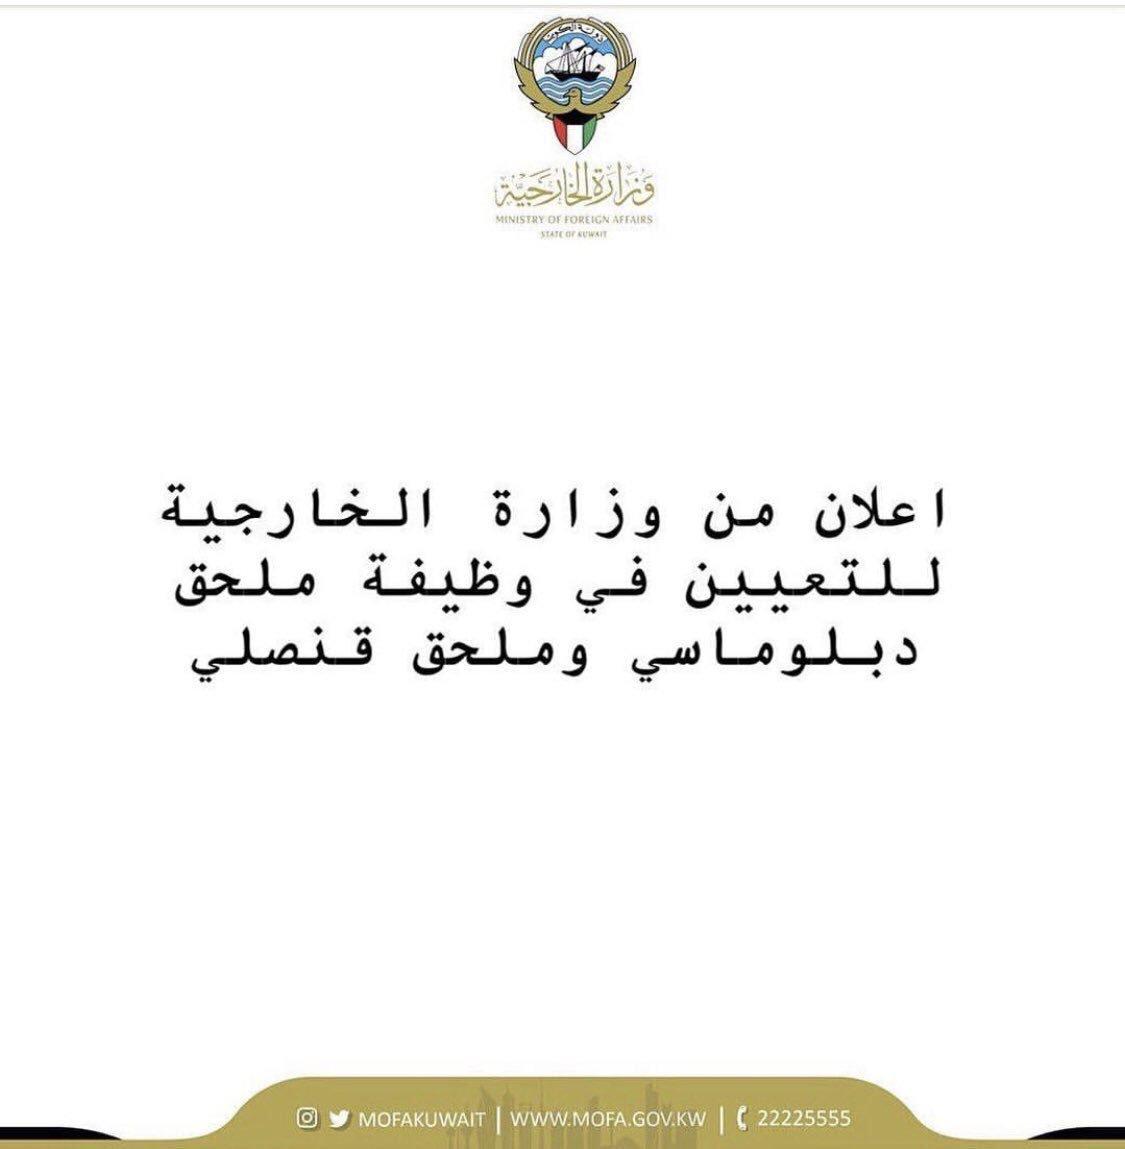 Twitter पर نيوز كوم صور اعلان توظيف من وزارة الخارجية في وظيفة ملحق دبلوماسي ومحلق قنصلي